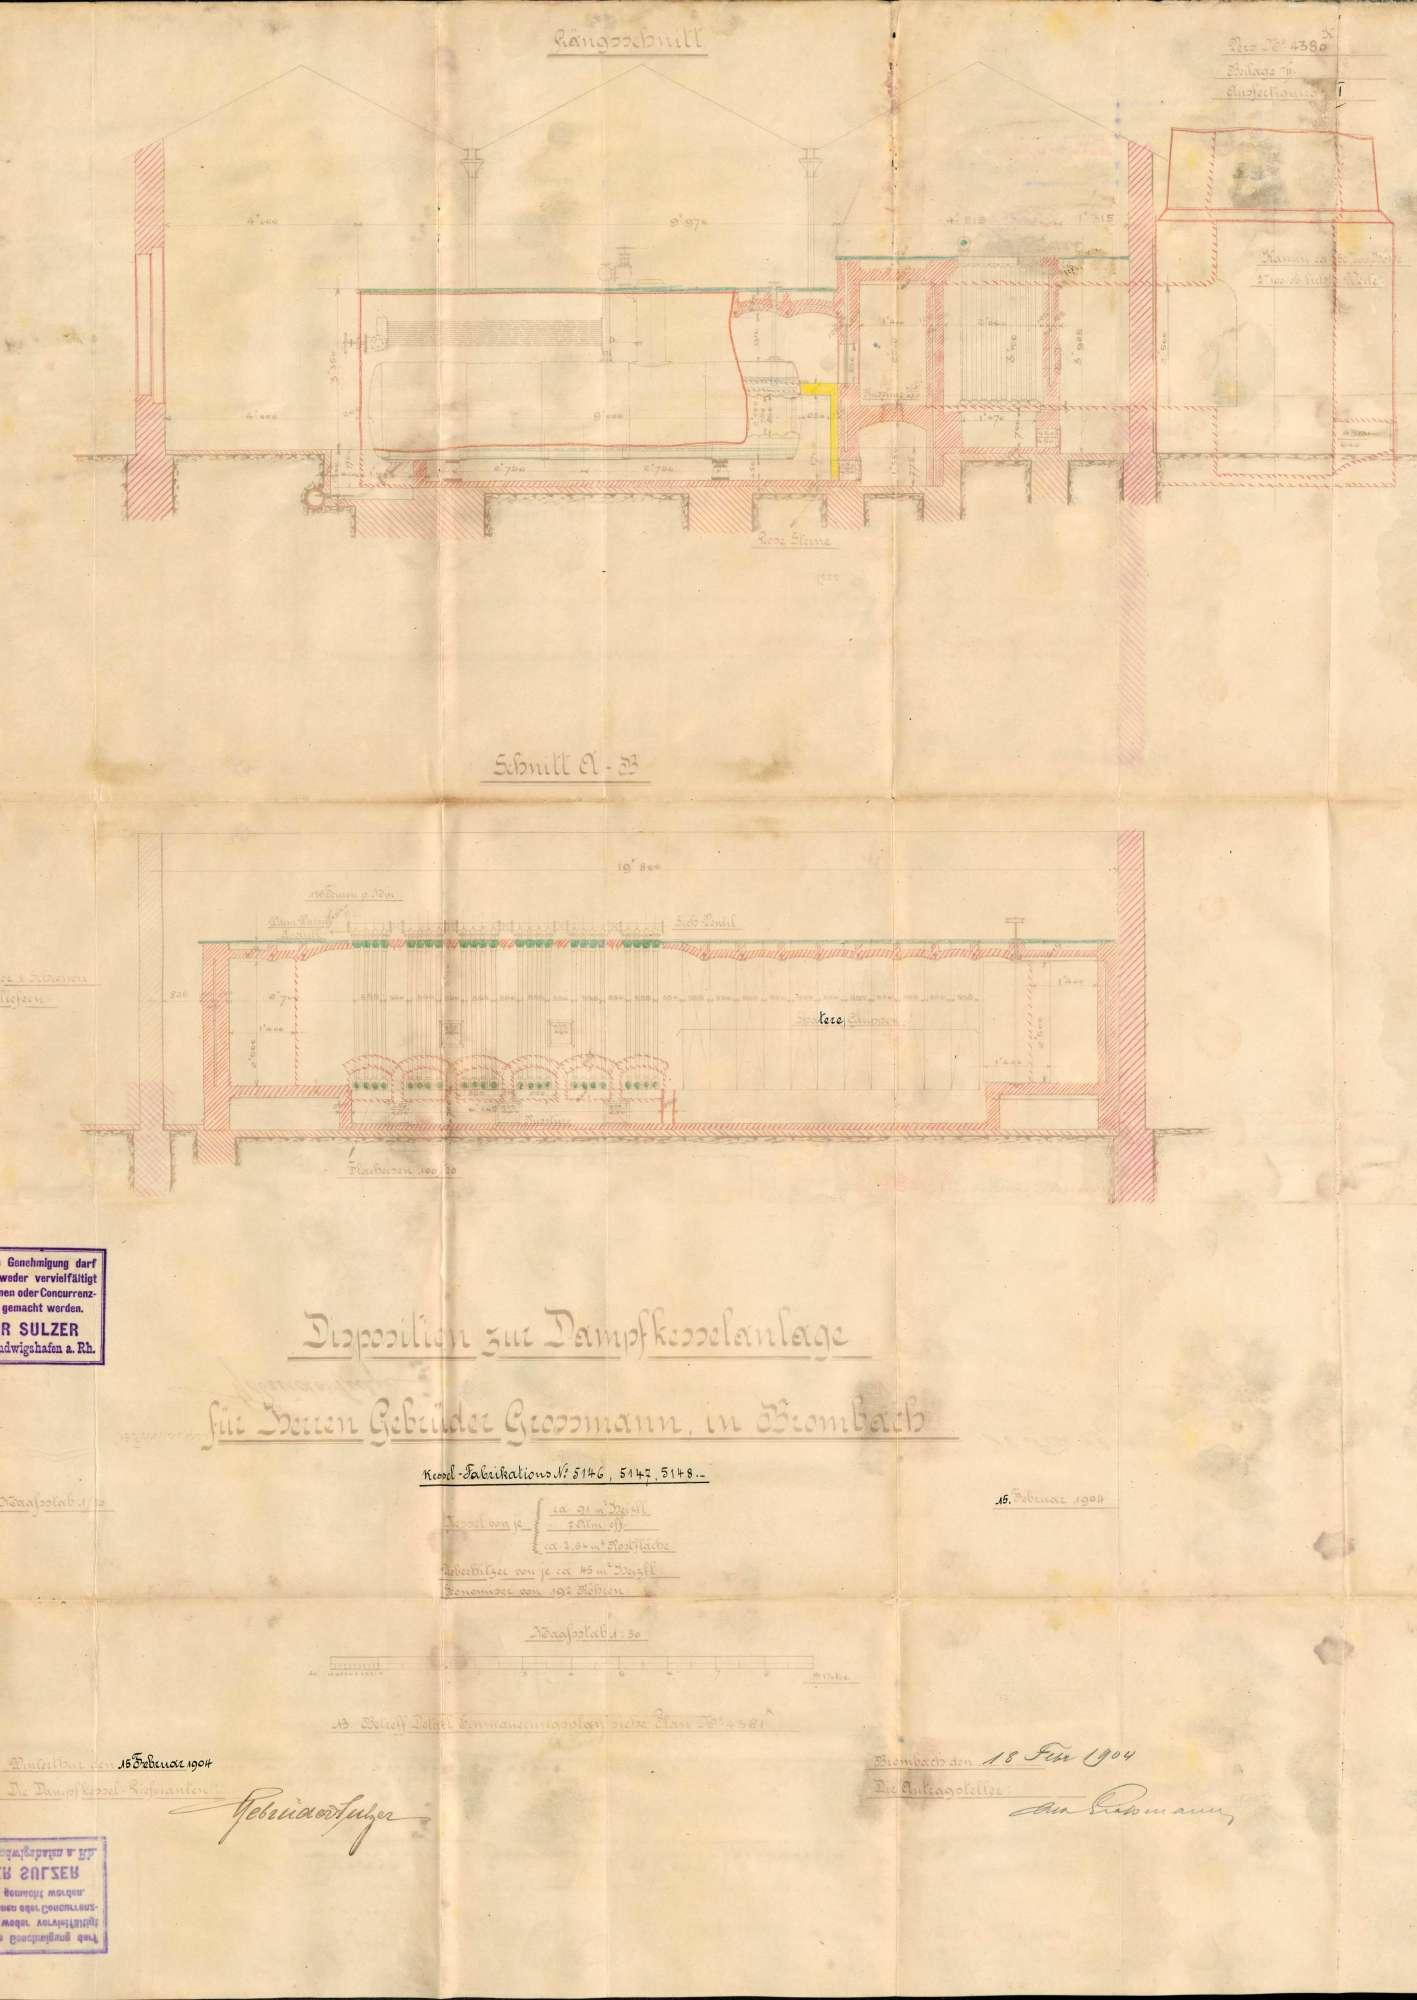 Gesuch der Fa. Gebrüder Großmann in Brombach um Erlaubnis zur Aufstellung eines Dampfkessels; Überwachung des Kessels, Bild 3